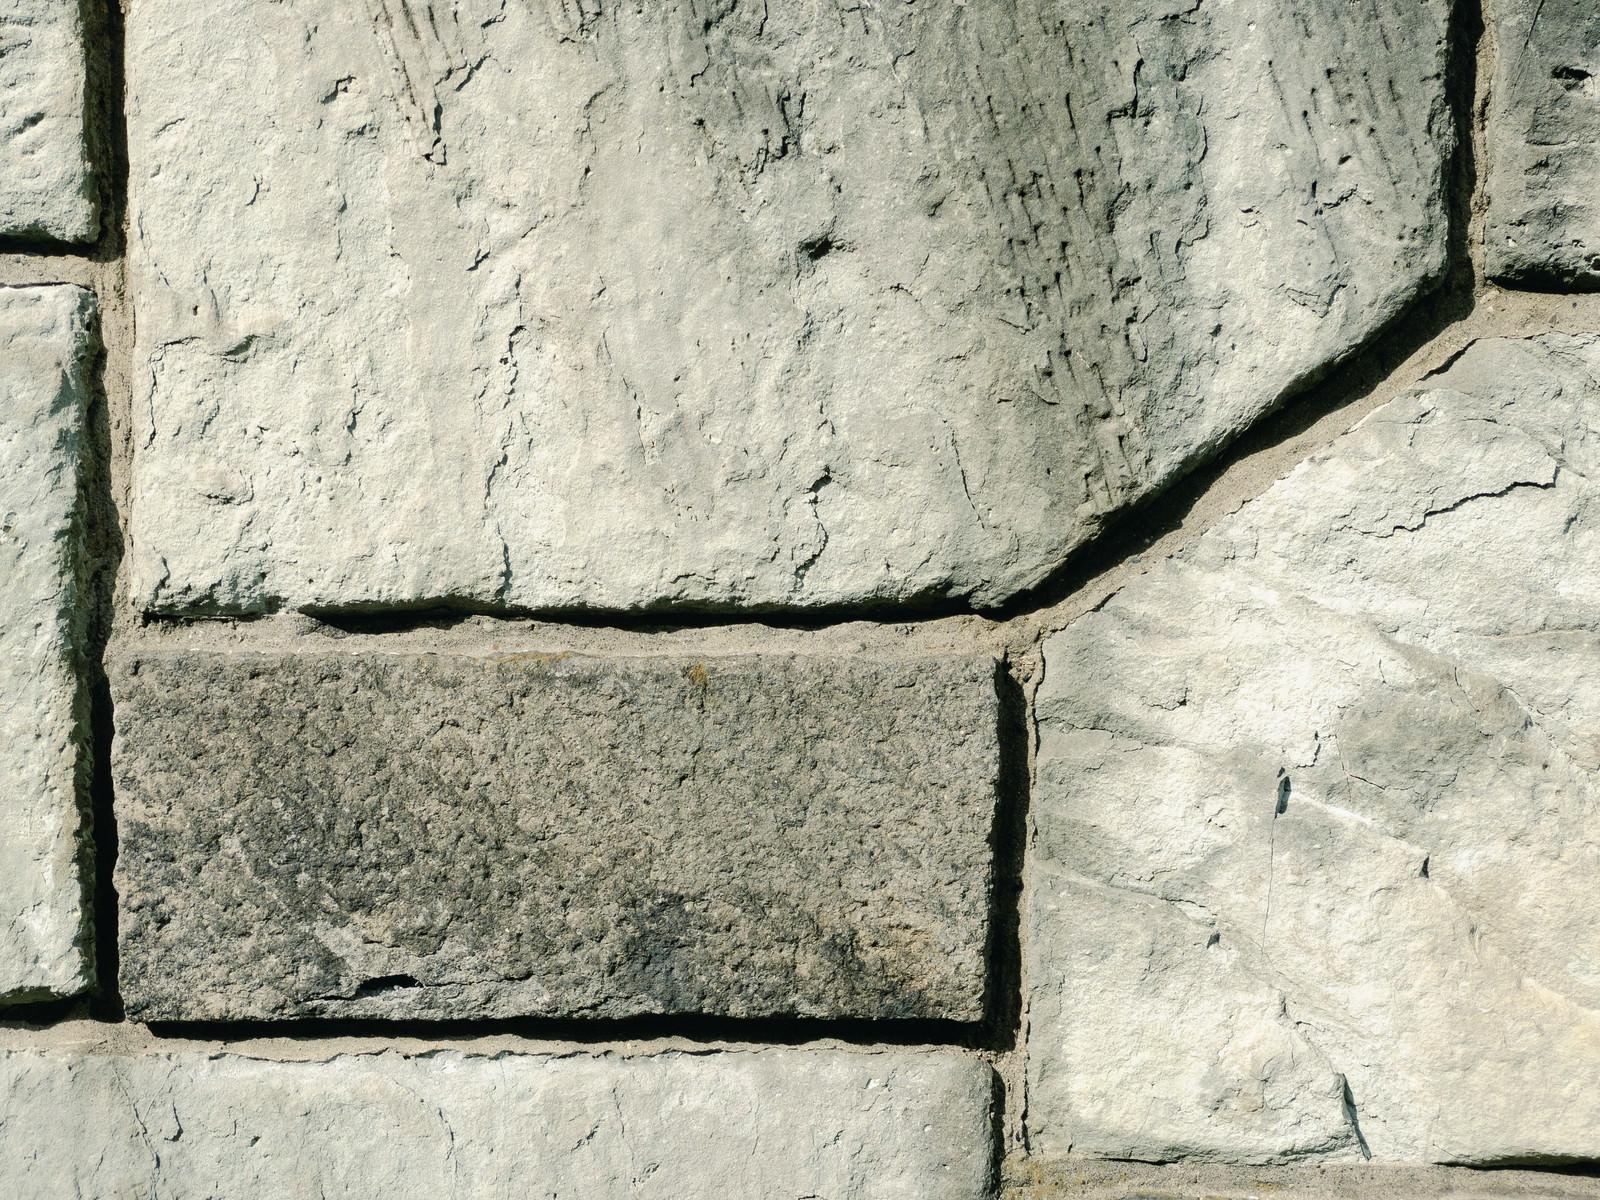 「深い目地のコンクリート仕上げの壁(テクスチャ)」の写真